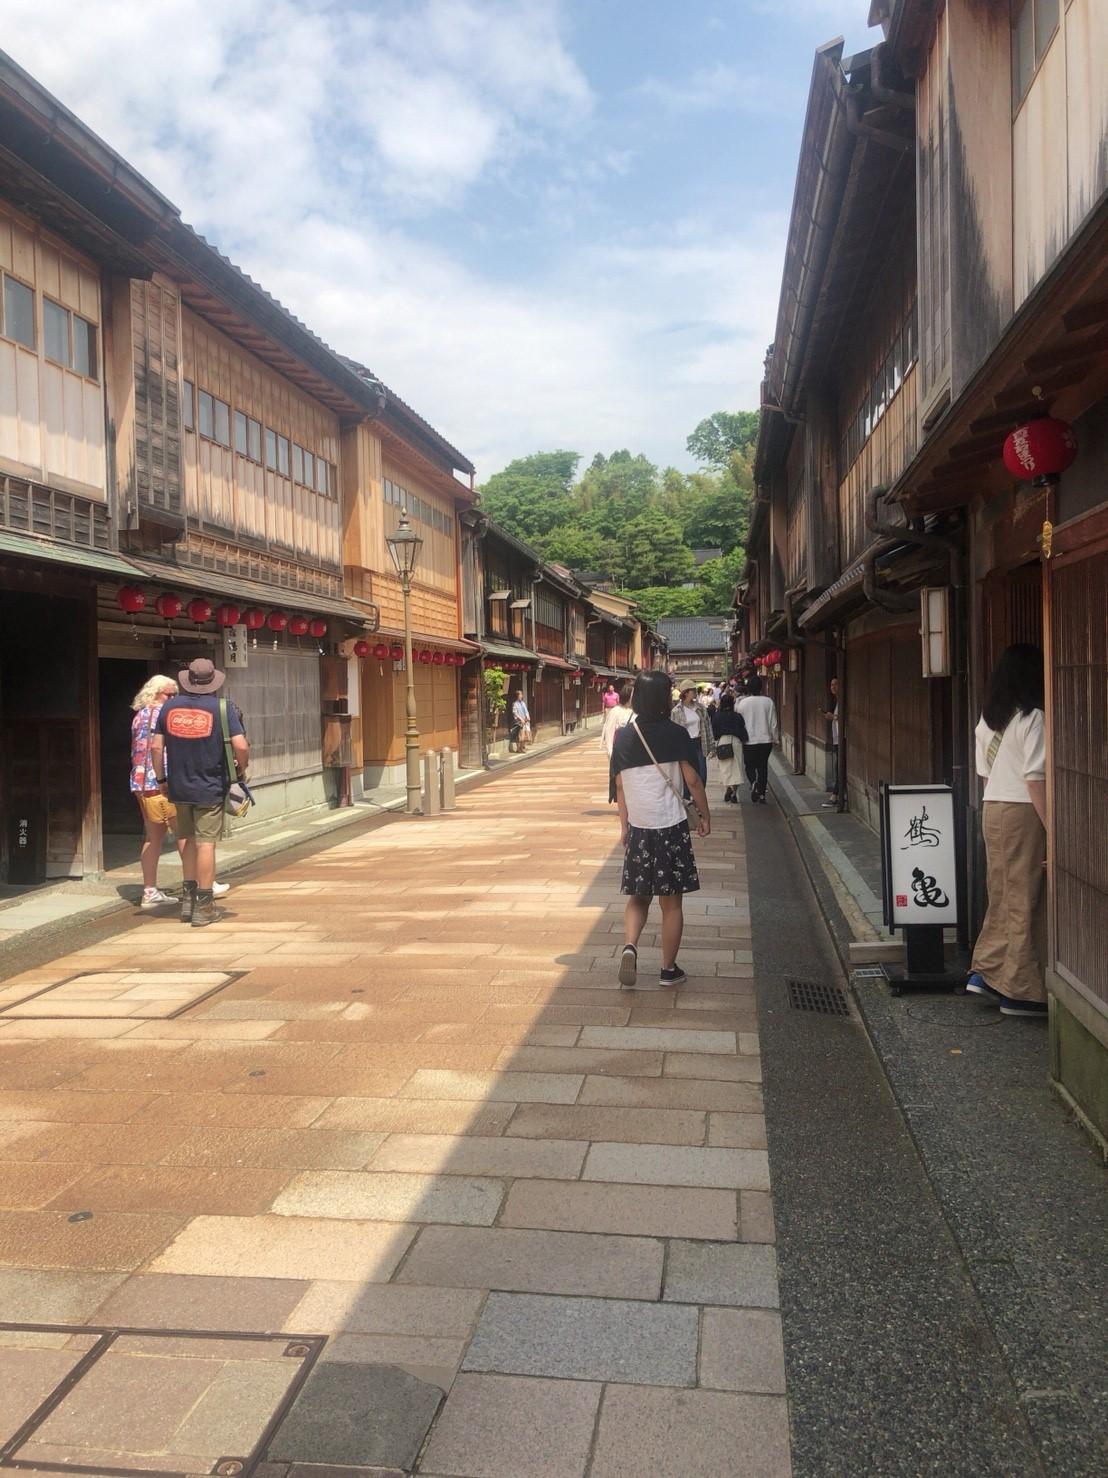 【石川】近江町市場・ひがし茶屋街・兼六園、観光モデルコース